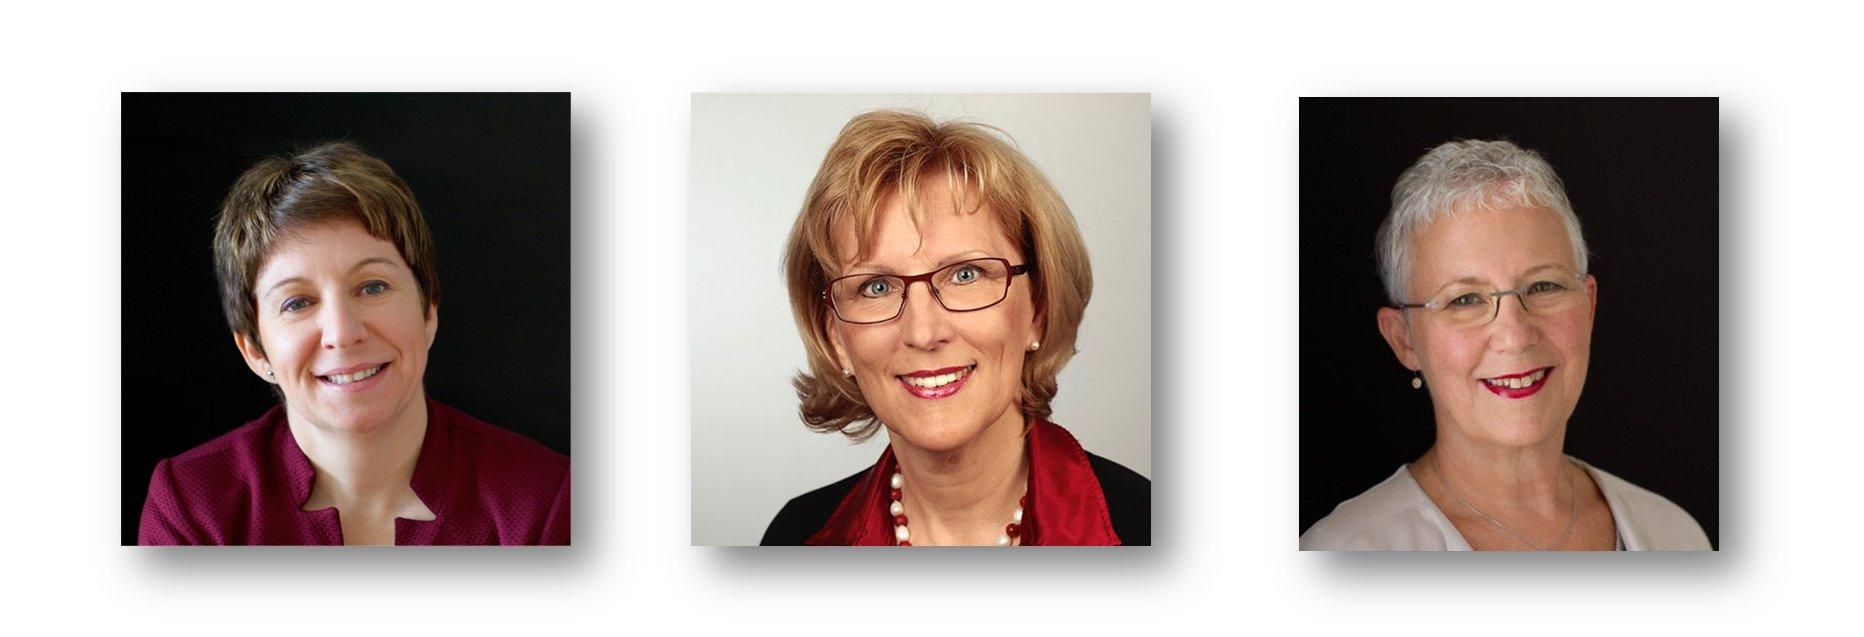 Sandra van de Cauter - Sabine Schmelzer - Kathy Hartmann-Campbell